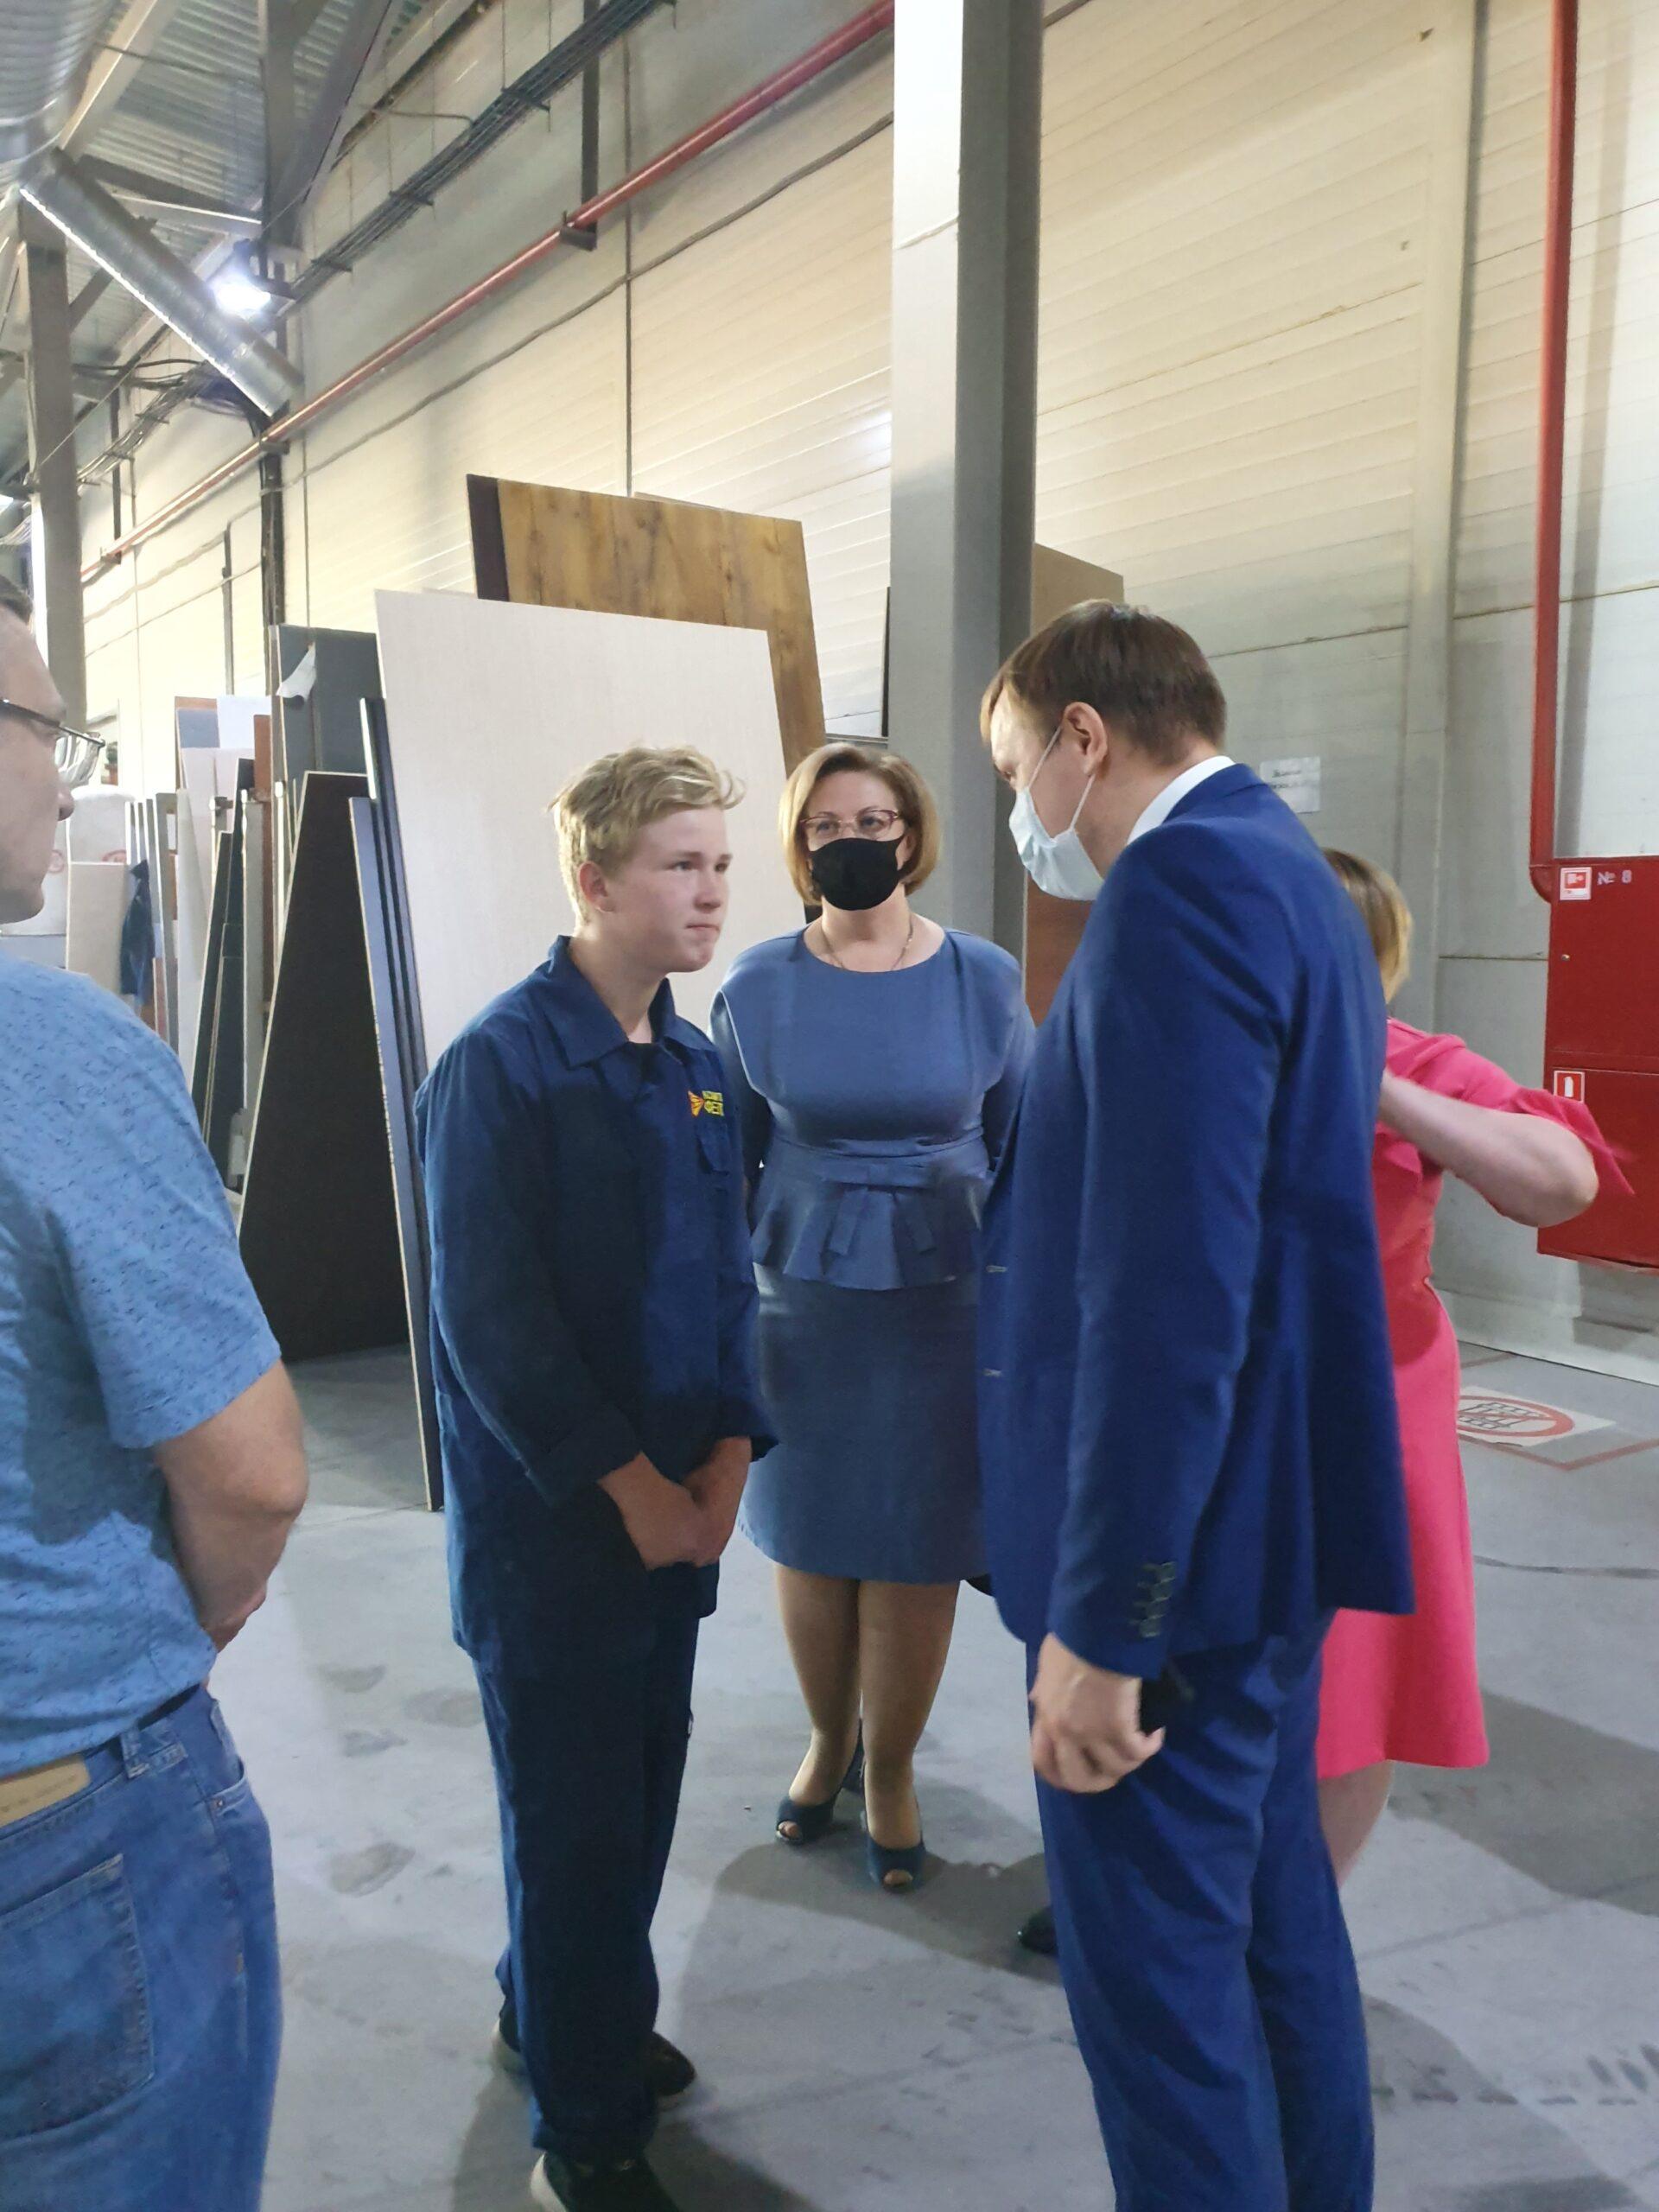 Экологический отряд и зверохозяйства: в Торопецком районе подростков устроили на работу